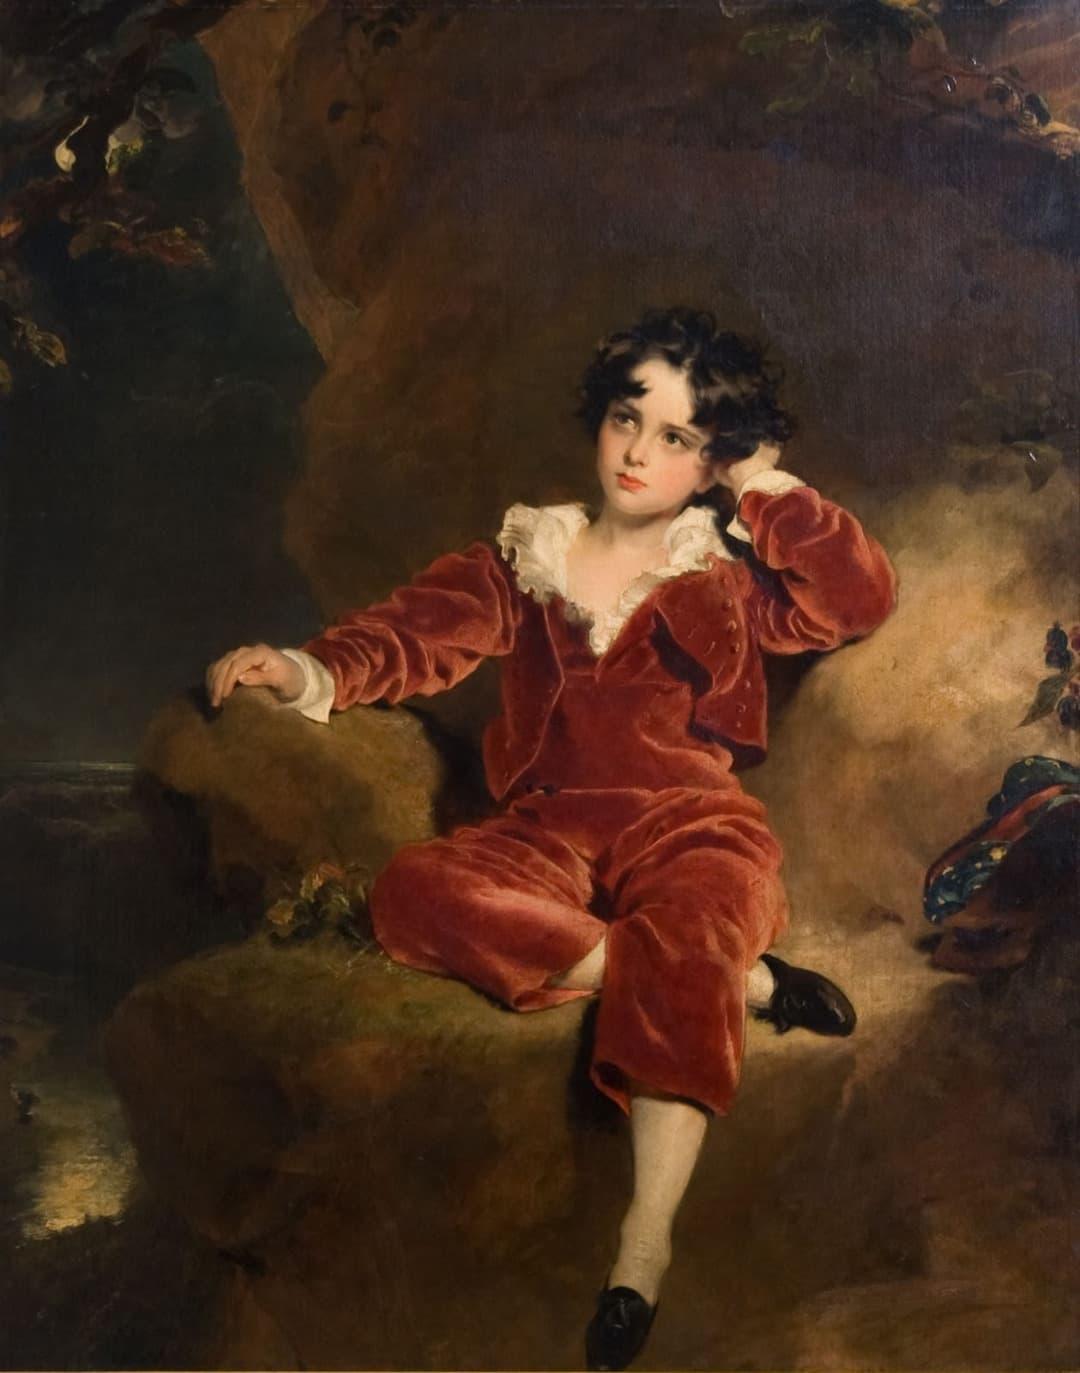 Thomas lawrence la palette et le r ve for Artiste peintre anglais